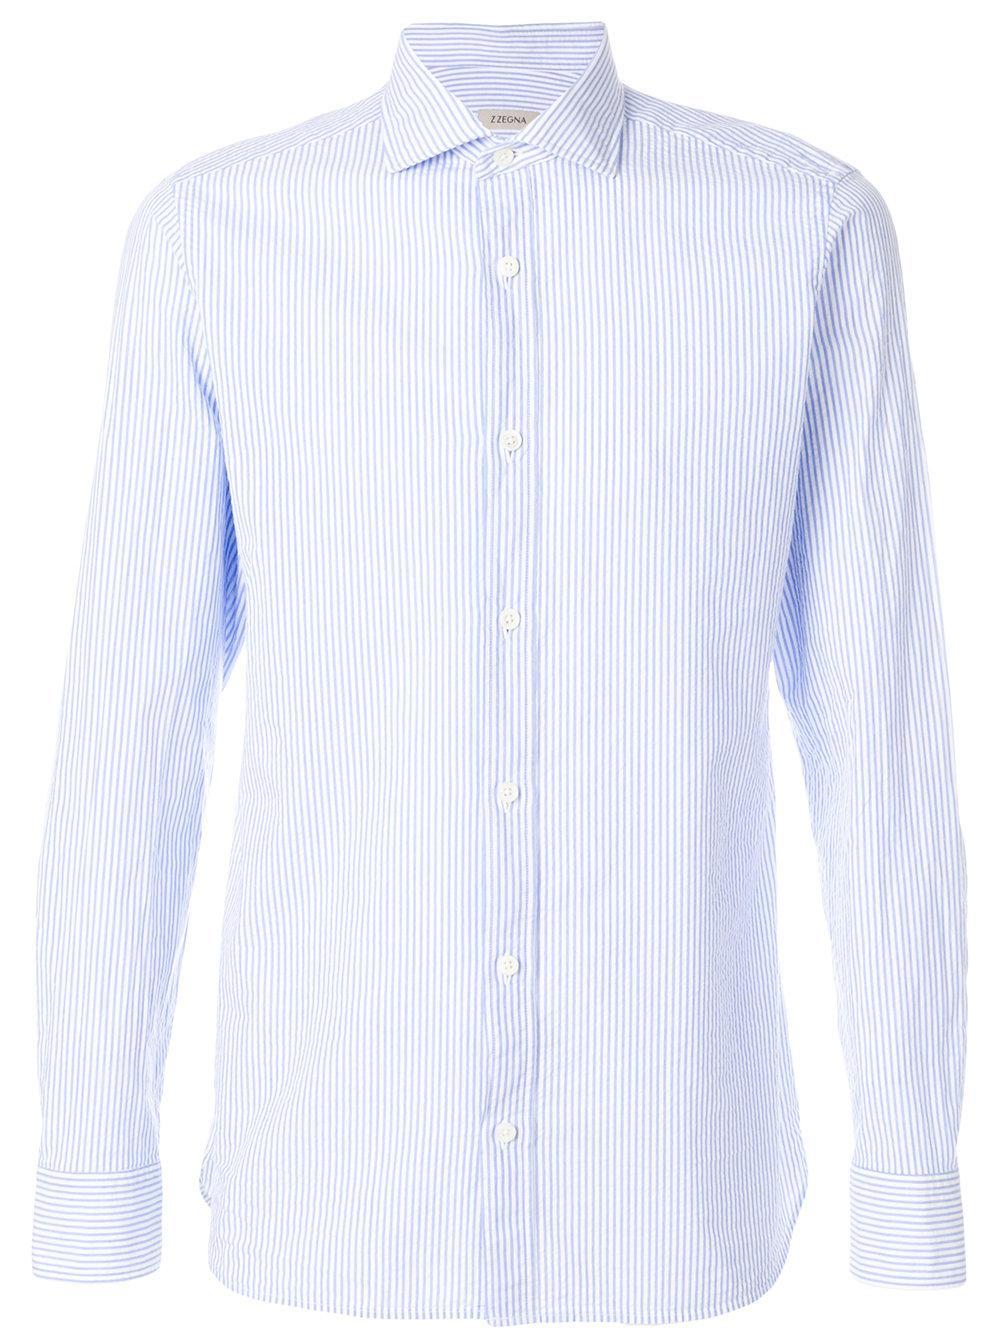 d8bb05ed Striped Long Sleeve Shirt